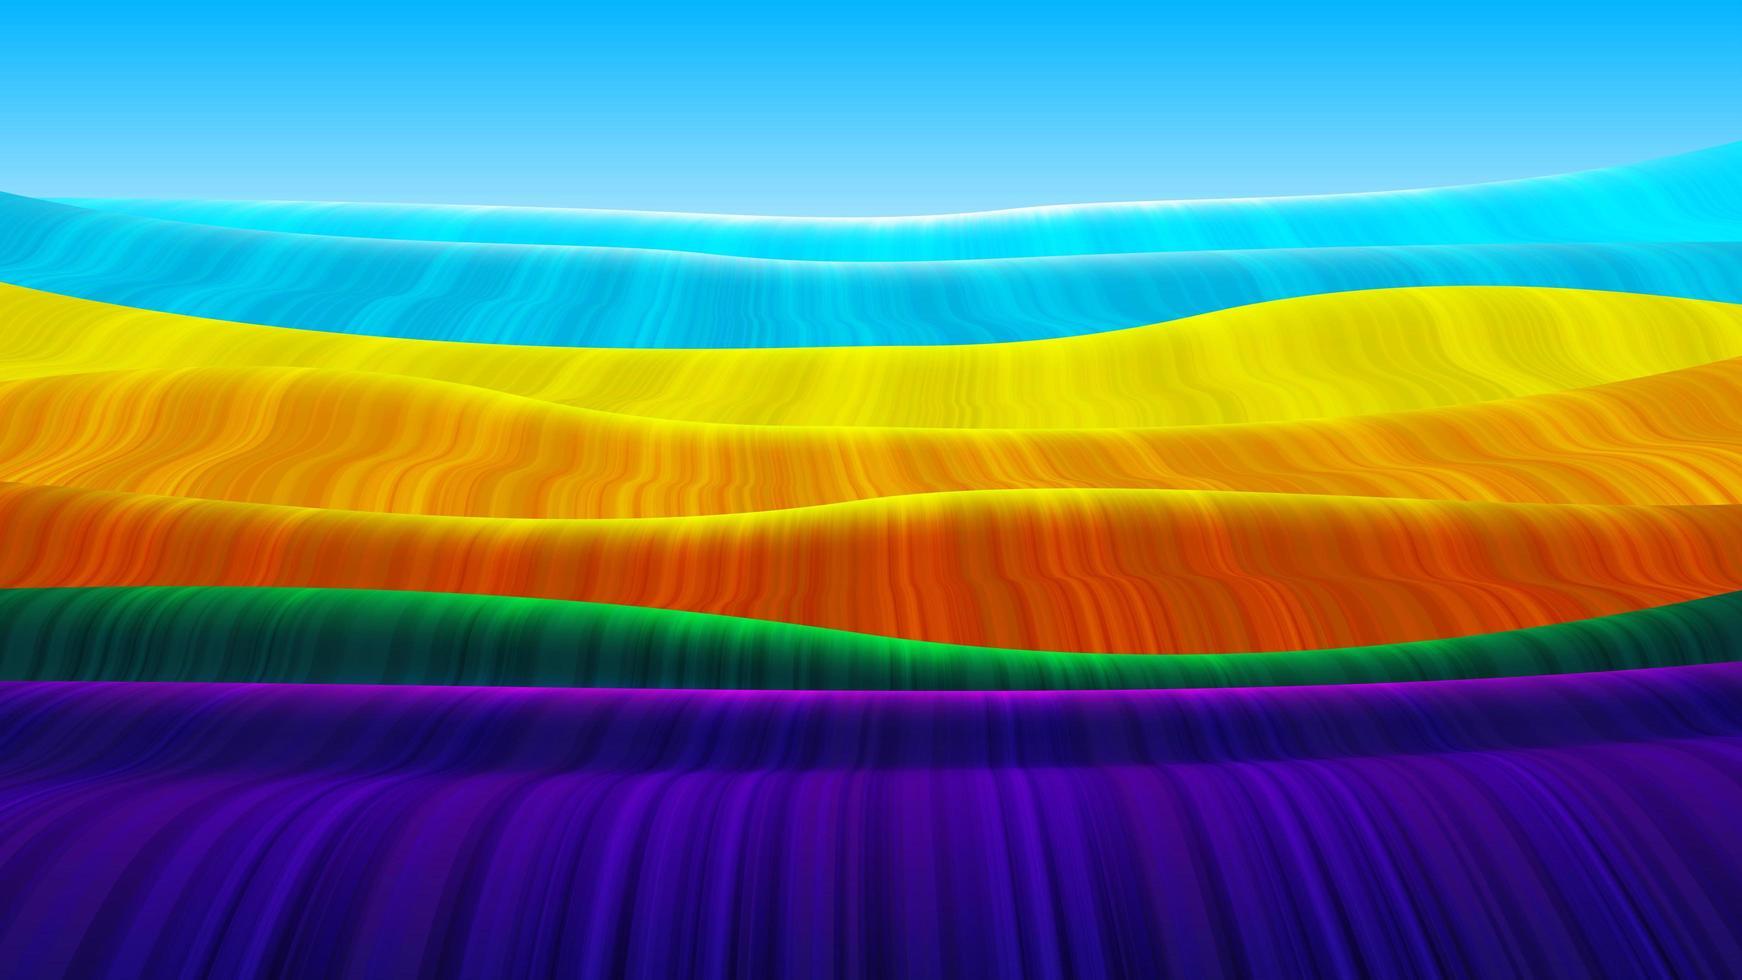 arco-íris abstrato fluindo padrão de onda vetor